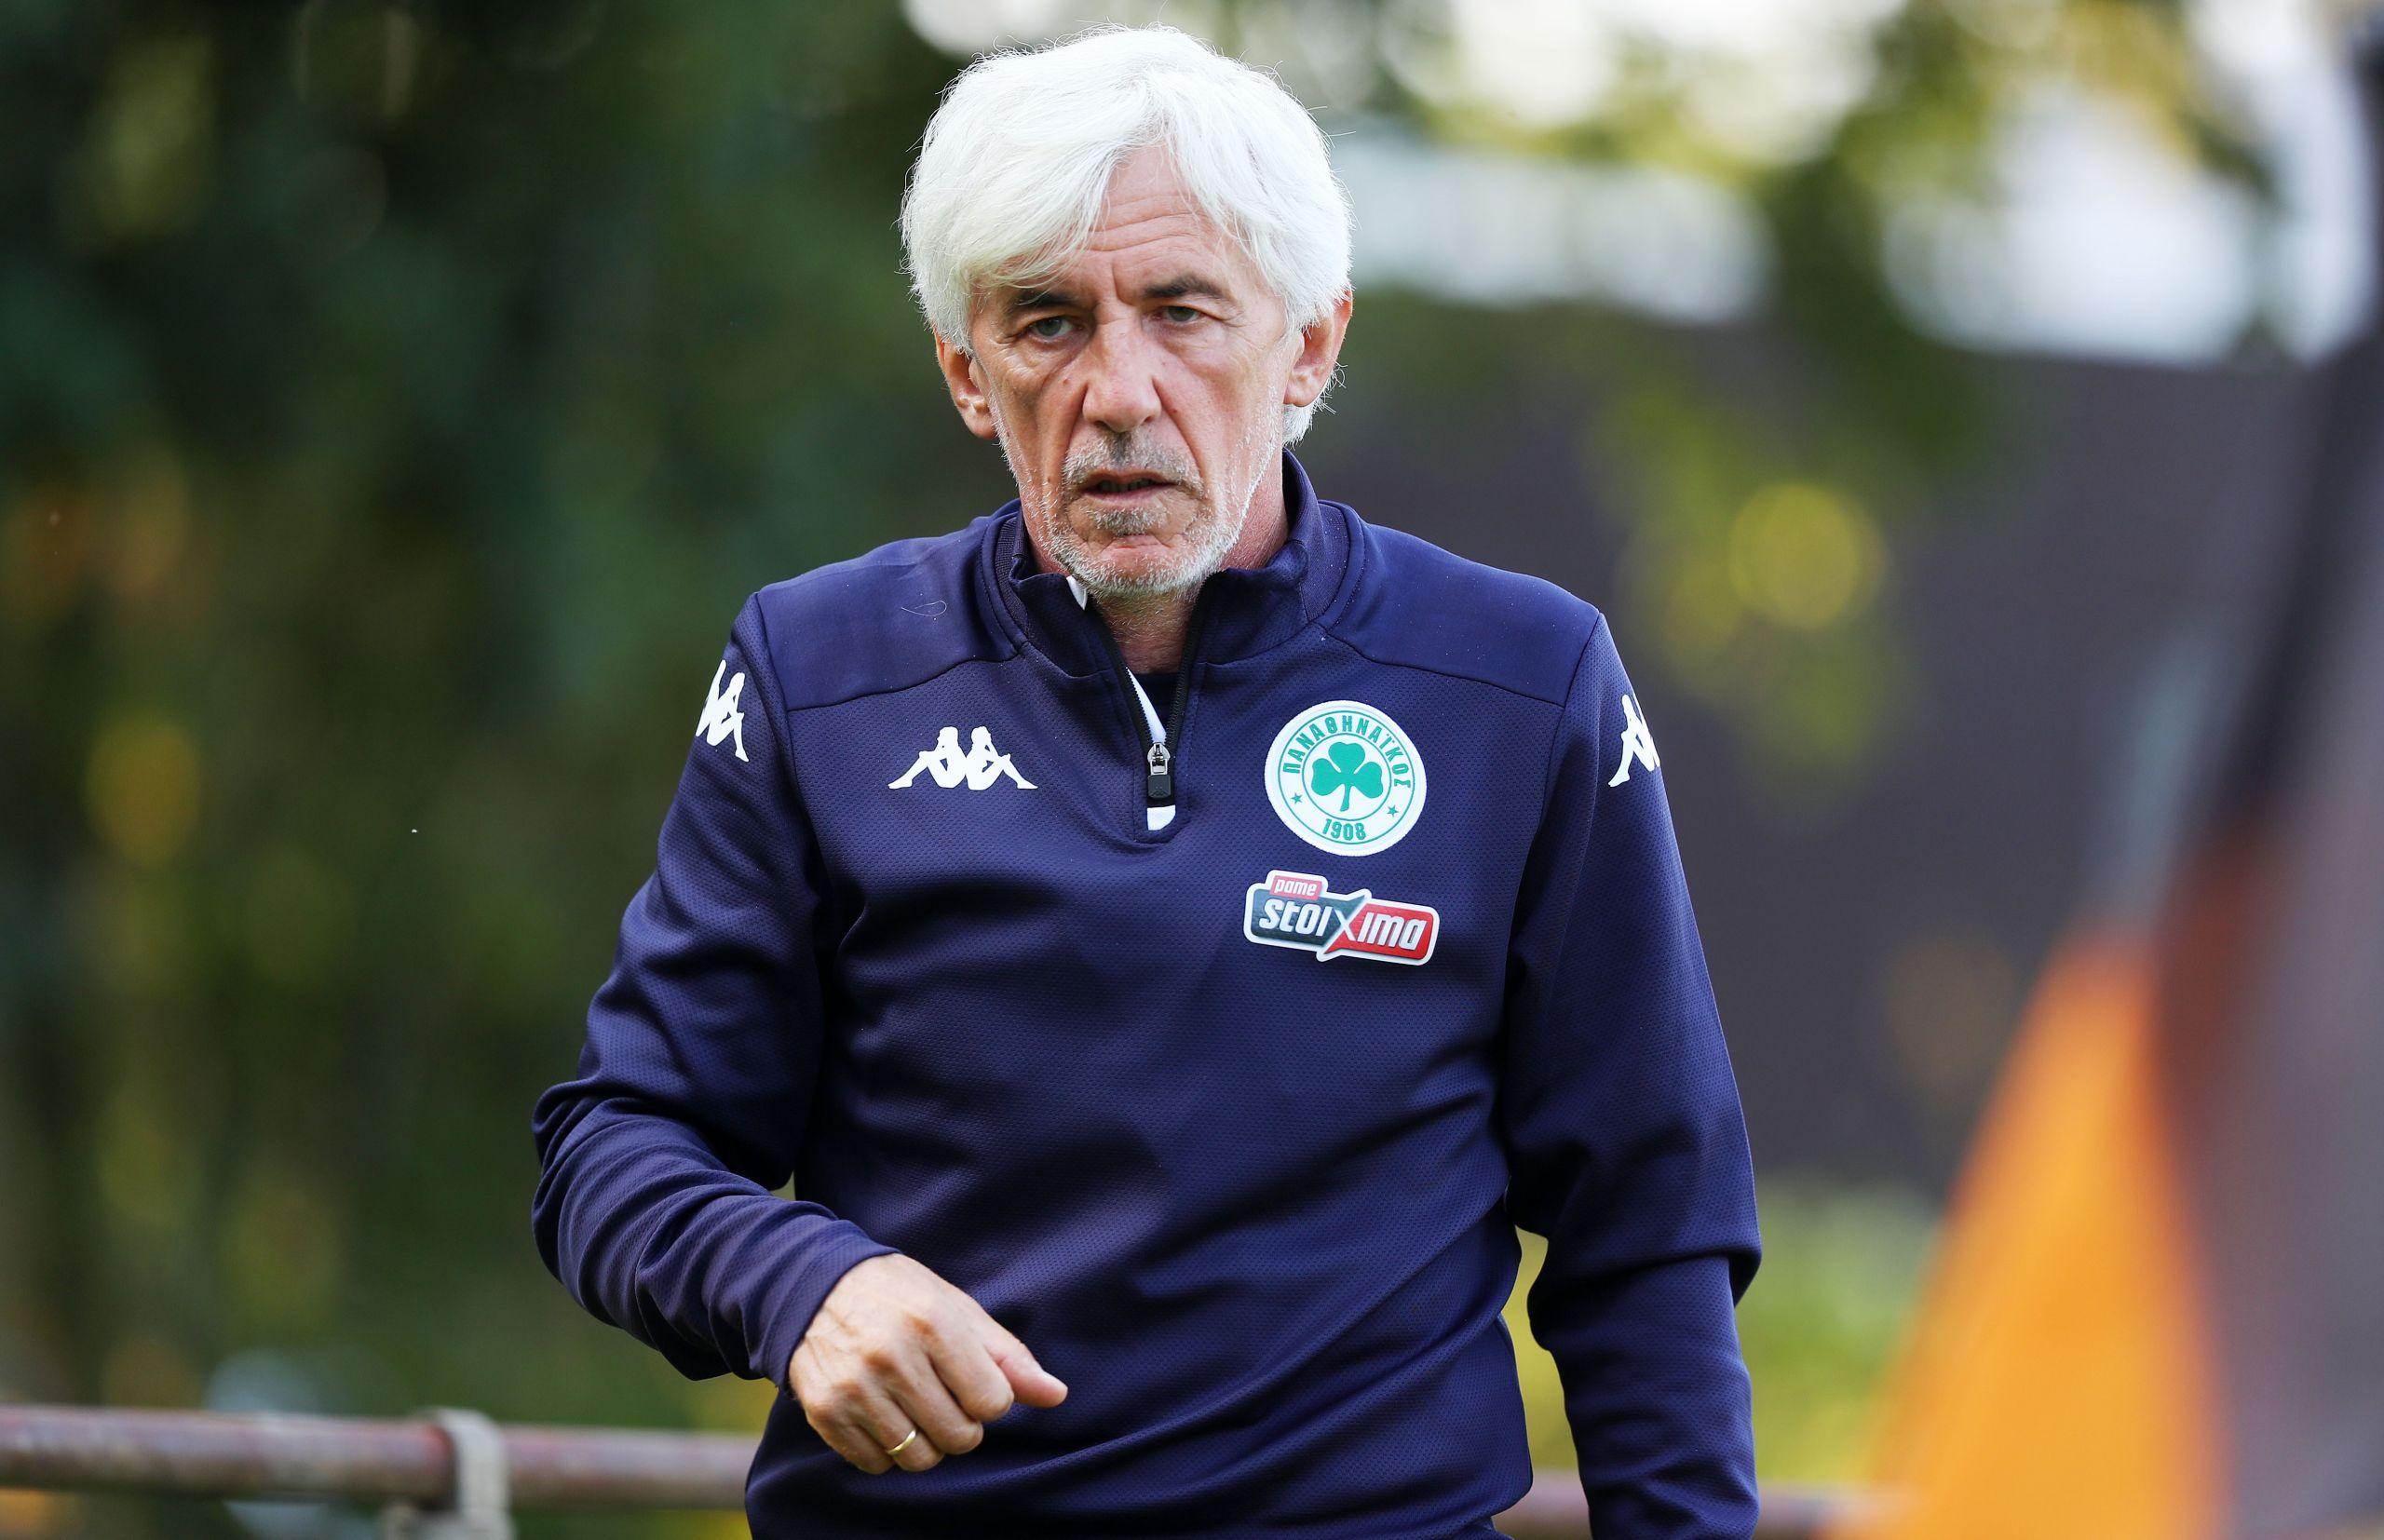 Γιοβάνοβιτς: «Μπορούσαμε να παίξουμε και καλύτερα – Ματς «μάθημα» για τη συνέχεια»   panathinaikos24.gr